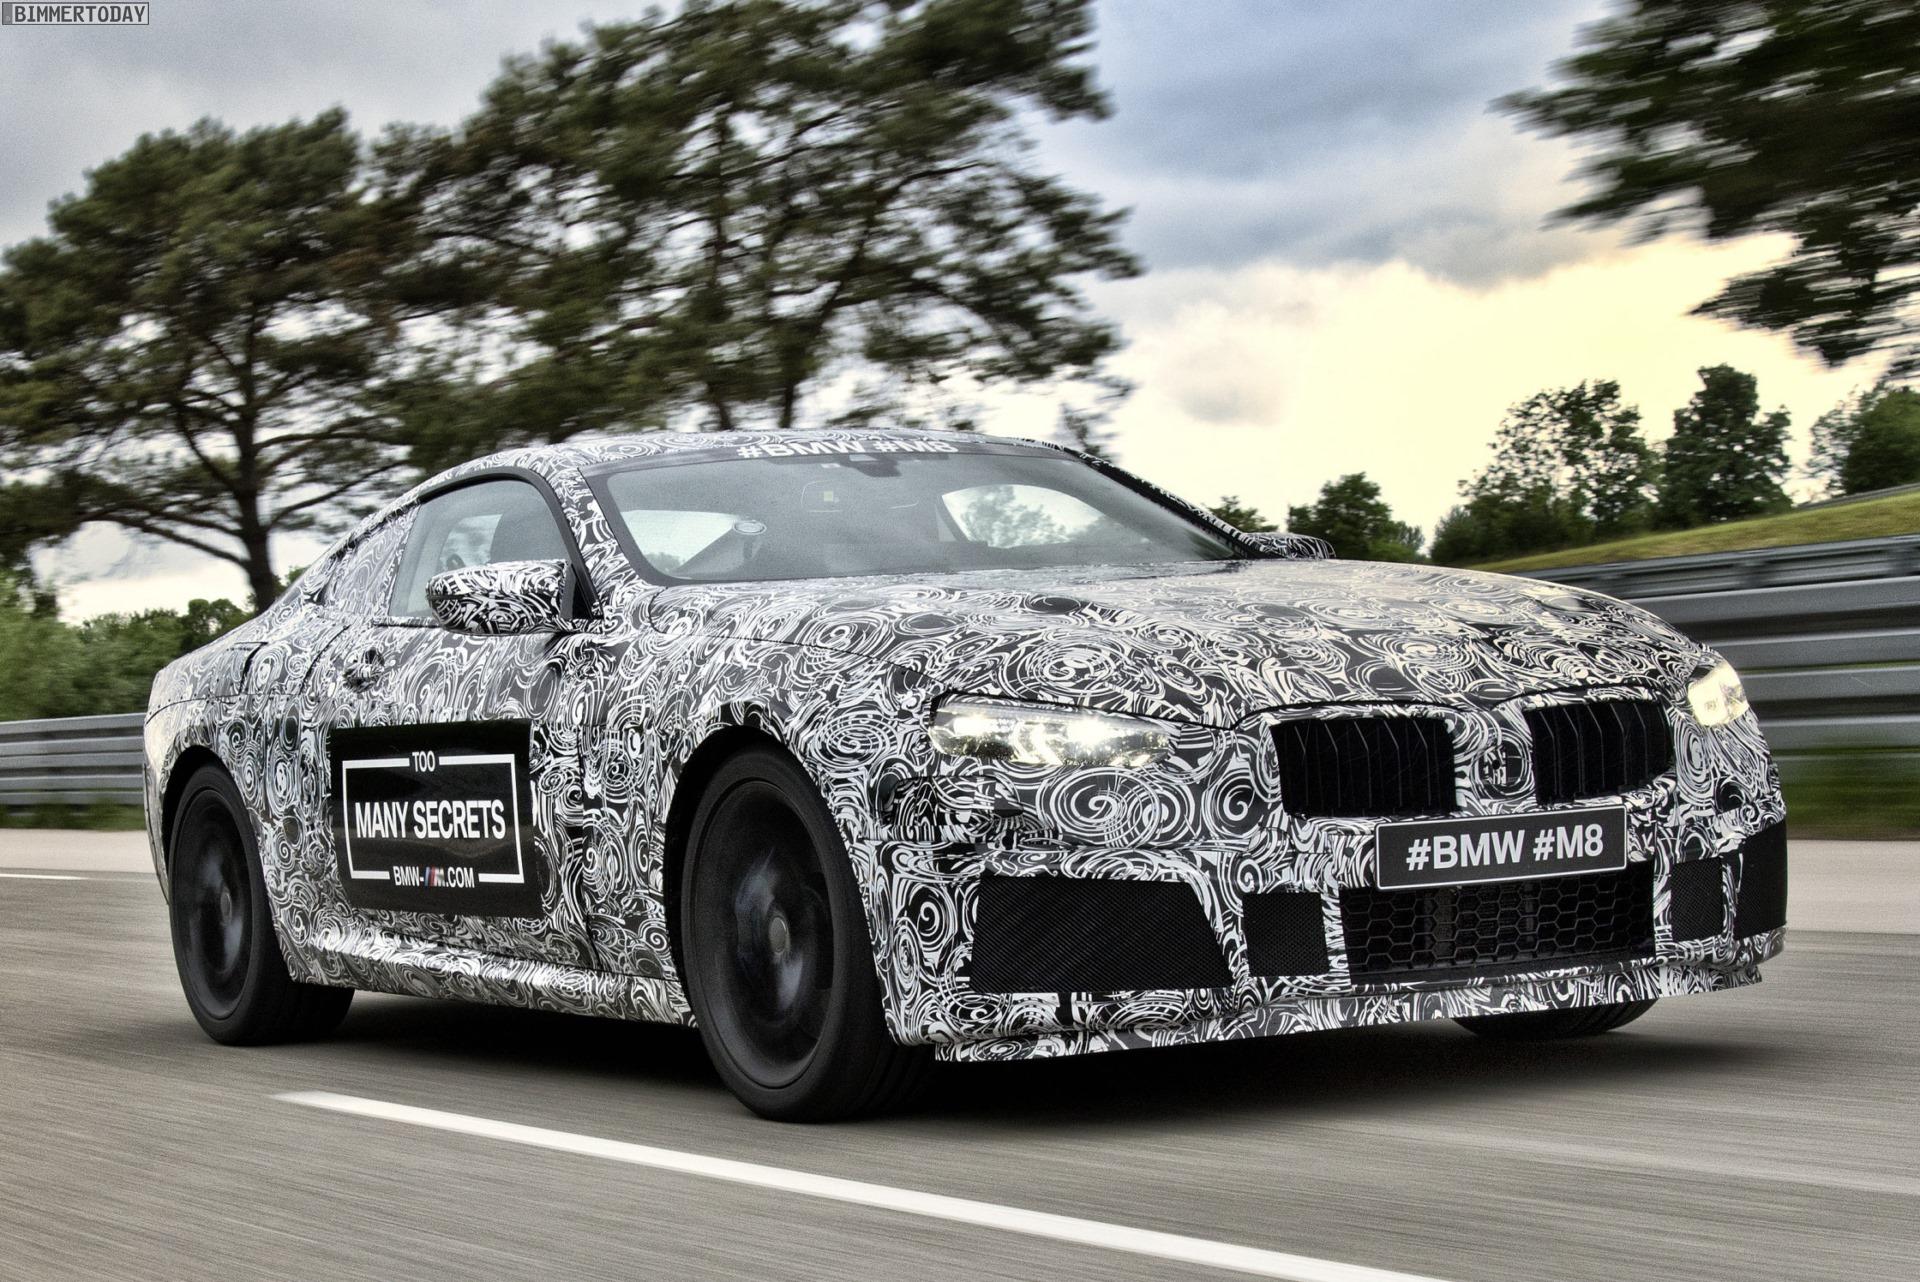 BMW M8 2019: Erlkönig-Fotos zeigen neuen Luxus-Sportler